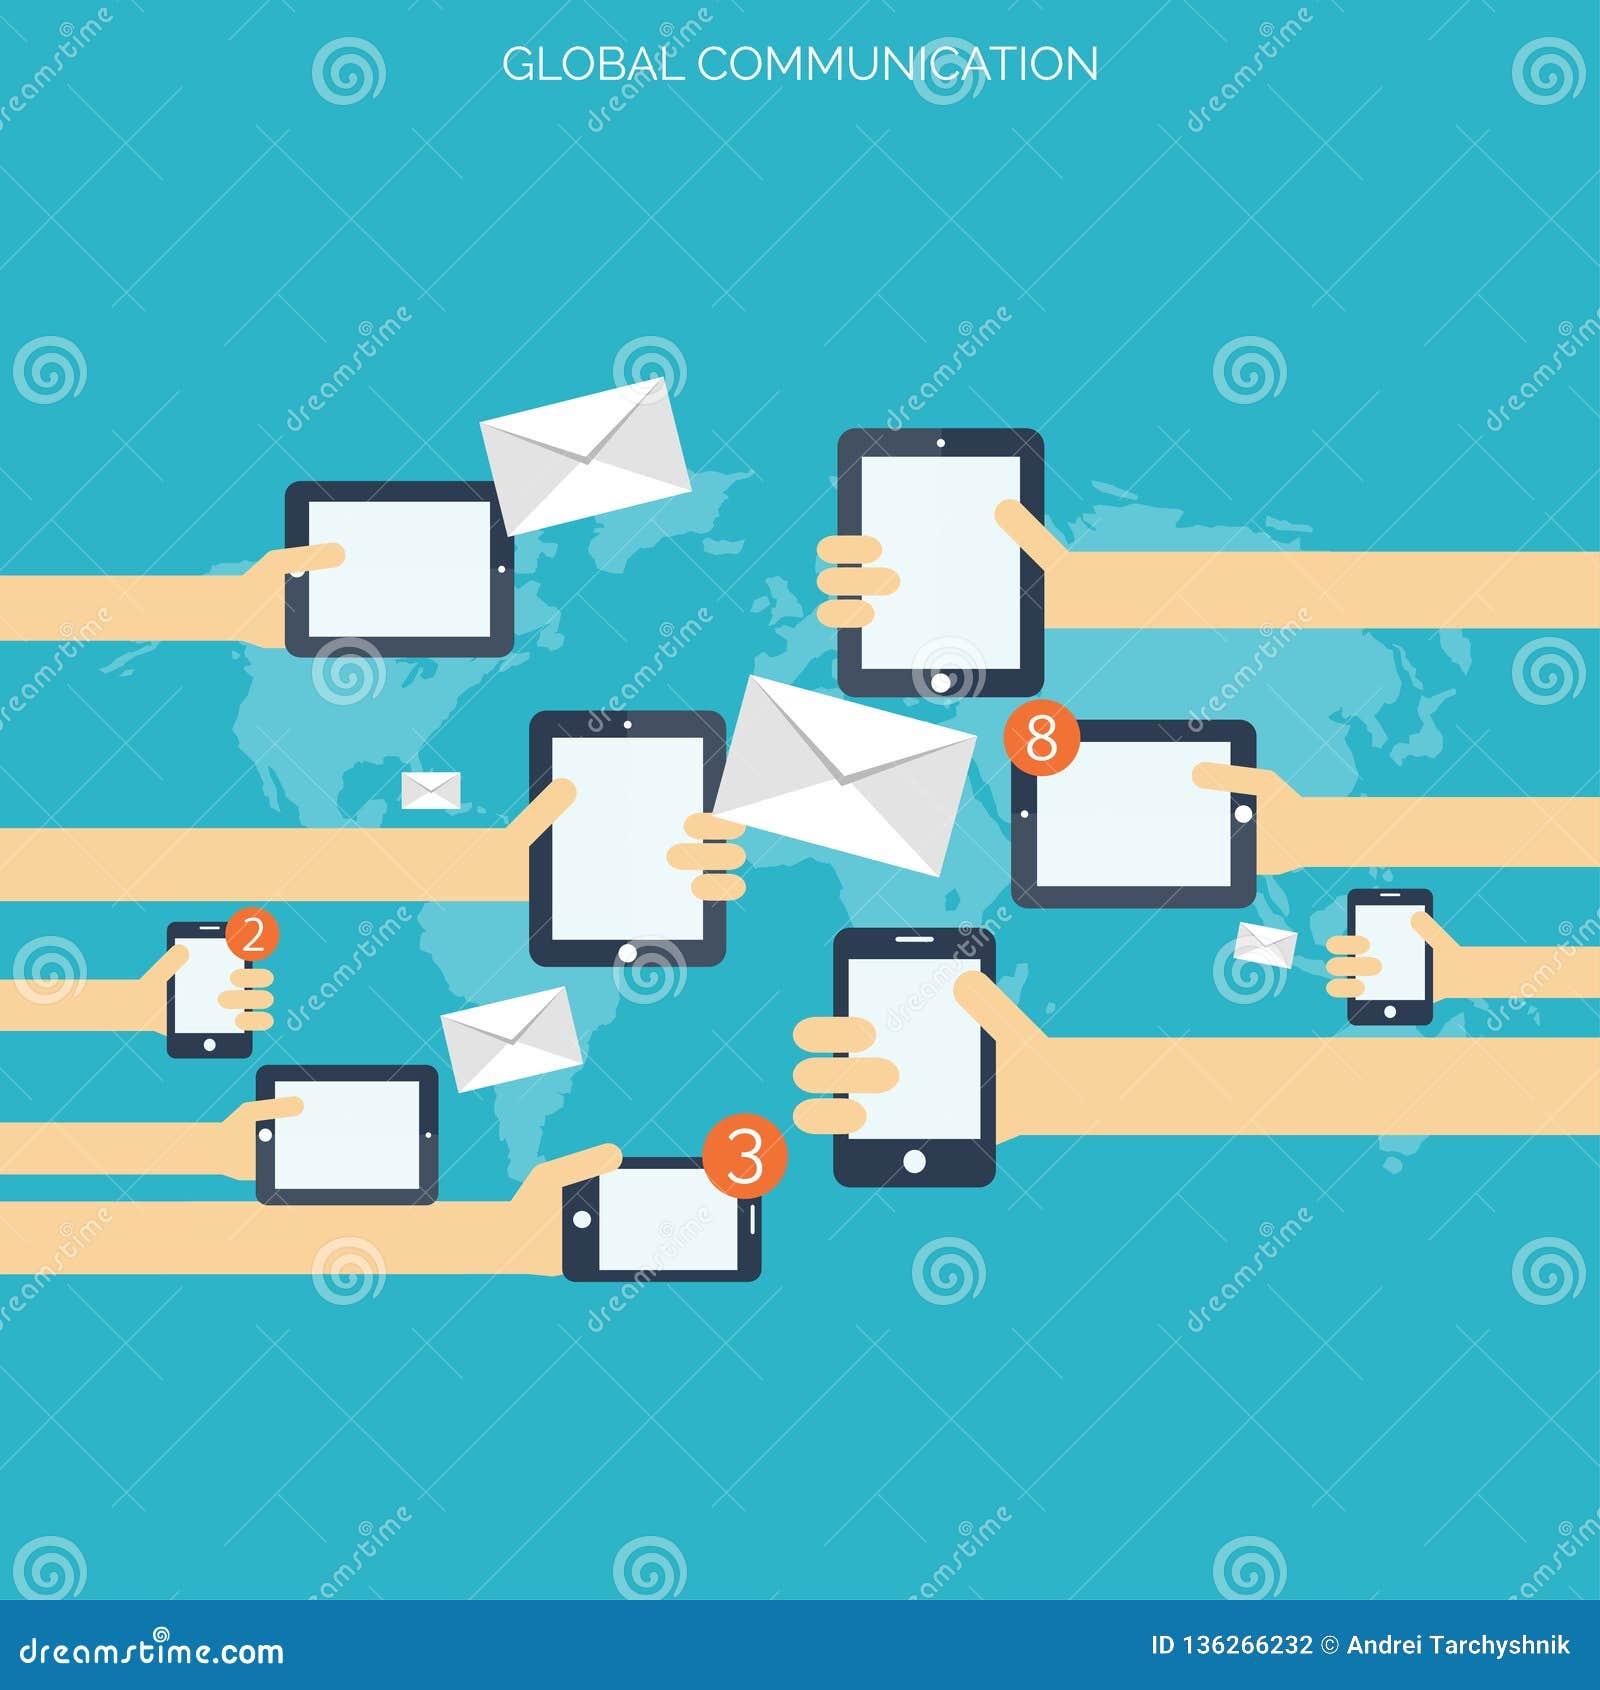 Ταμπλέτα και smartphone στα ανθρώπινα χέρια σφαιρικά περισσότερο τα μου στοών έννοιας επικοινωνίας βλέπουν chatting